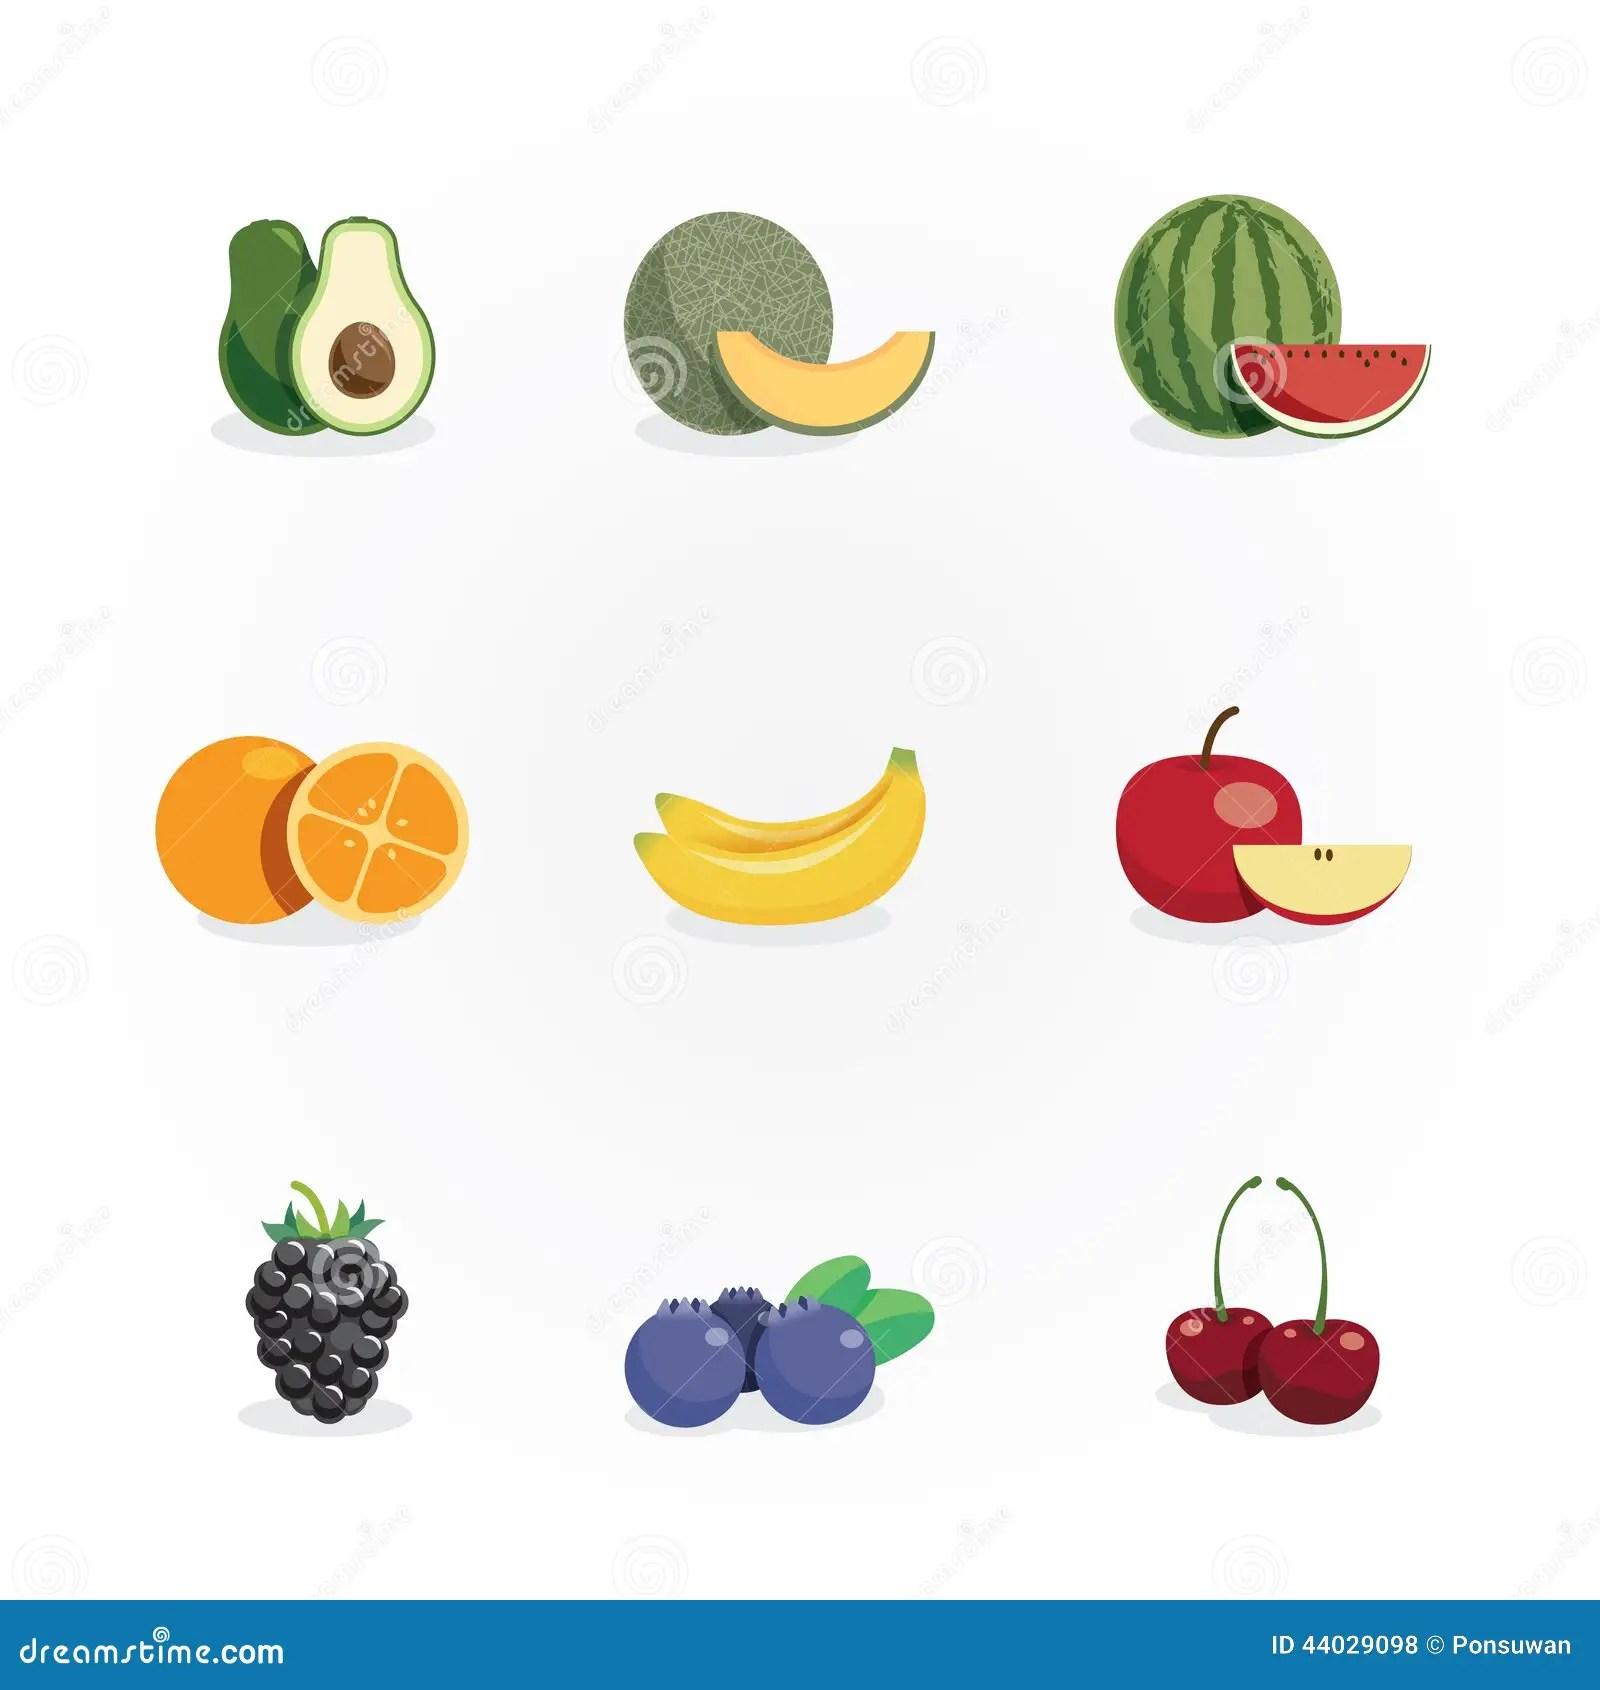 Fruits Icons Colour Design Vector Stock Vector